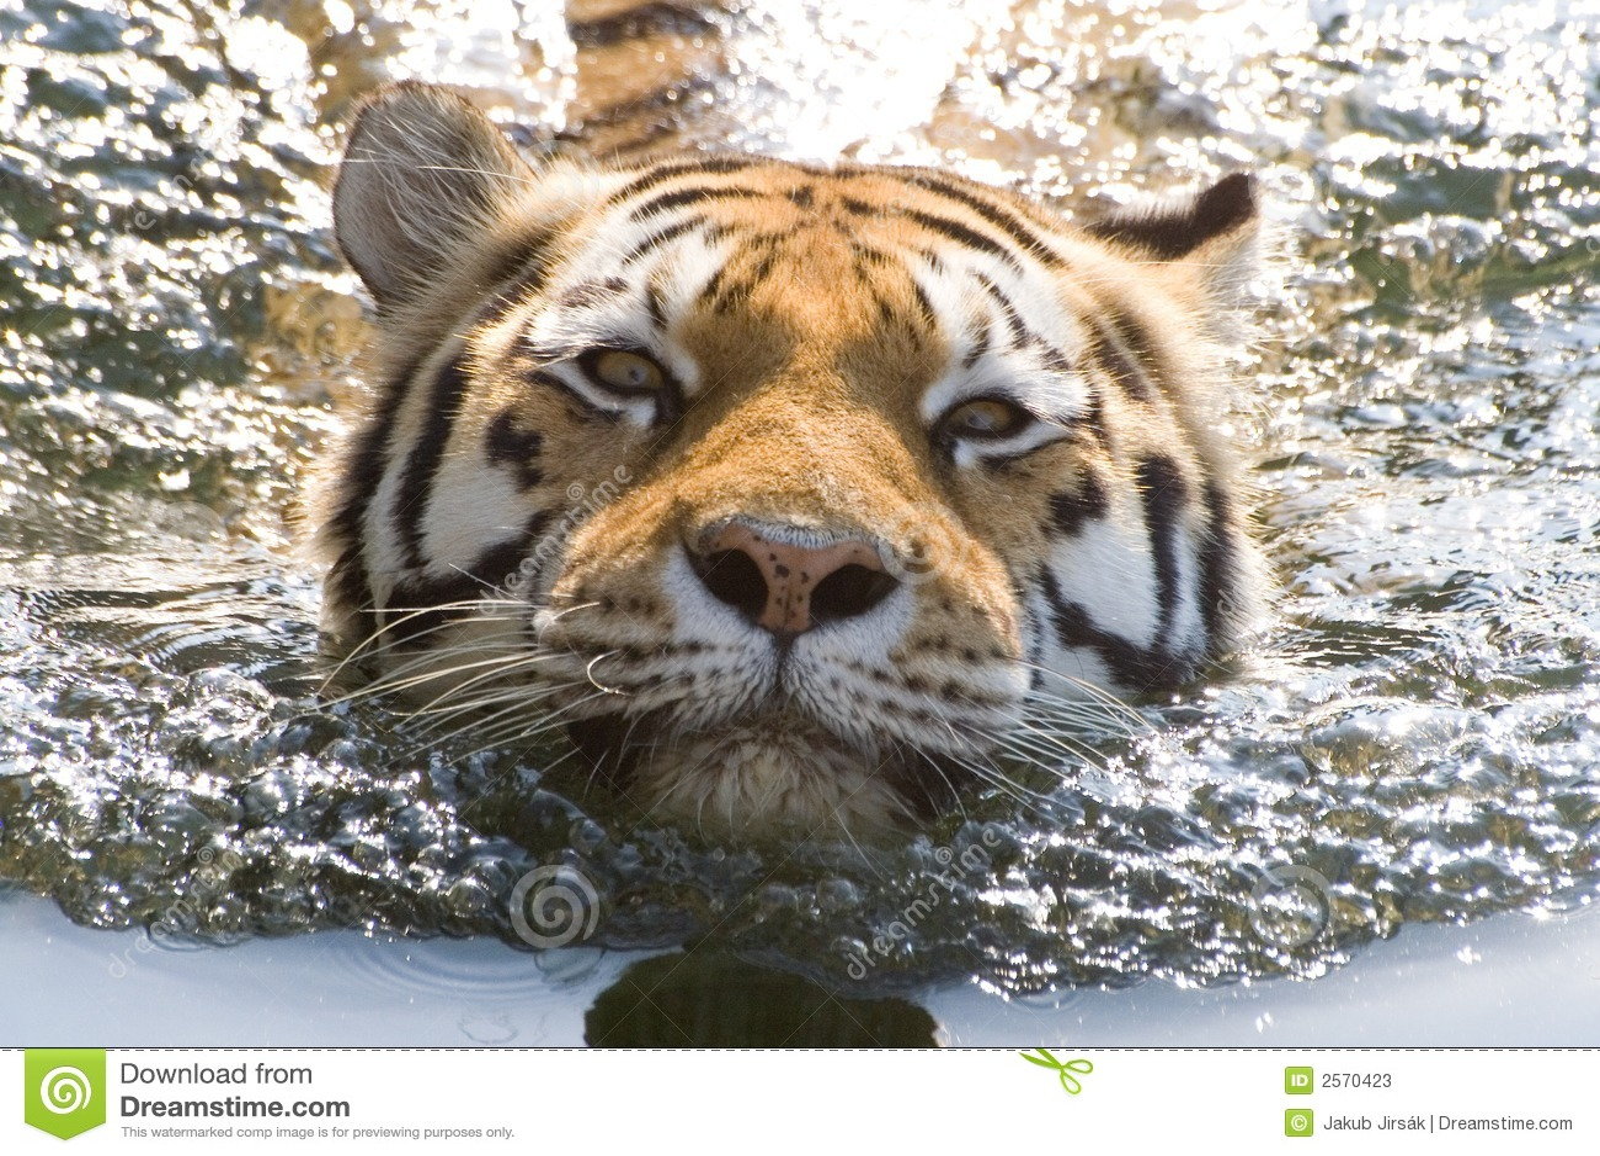 Tigre de la natación